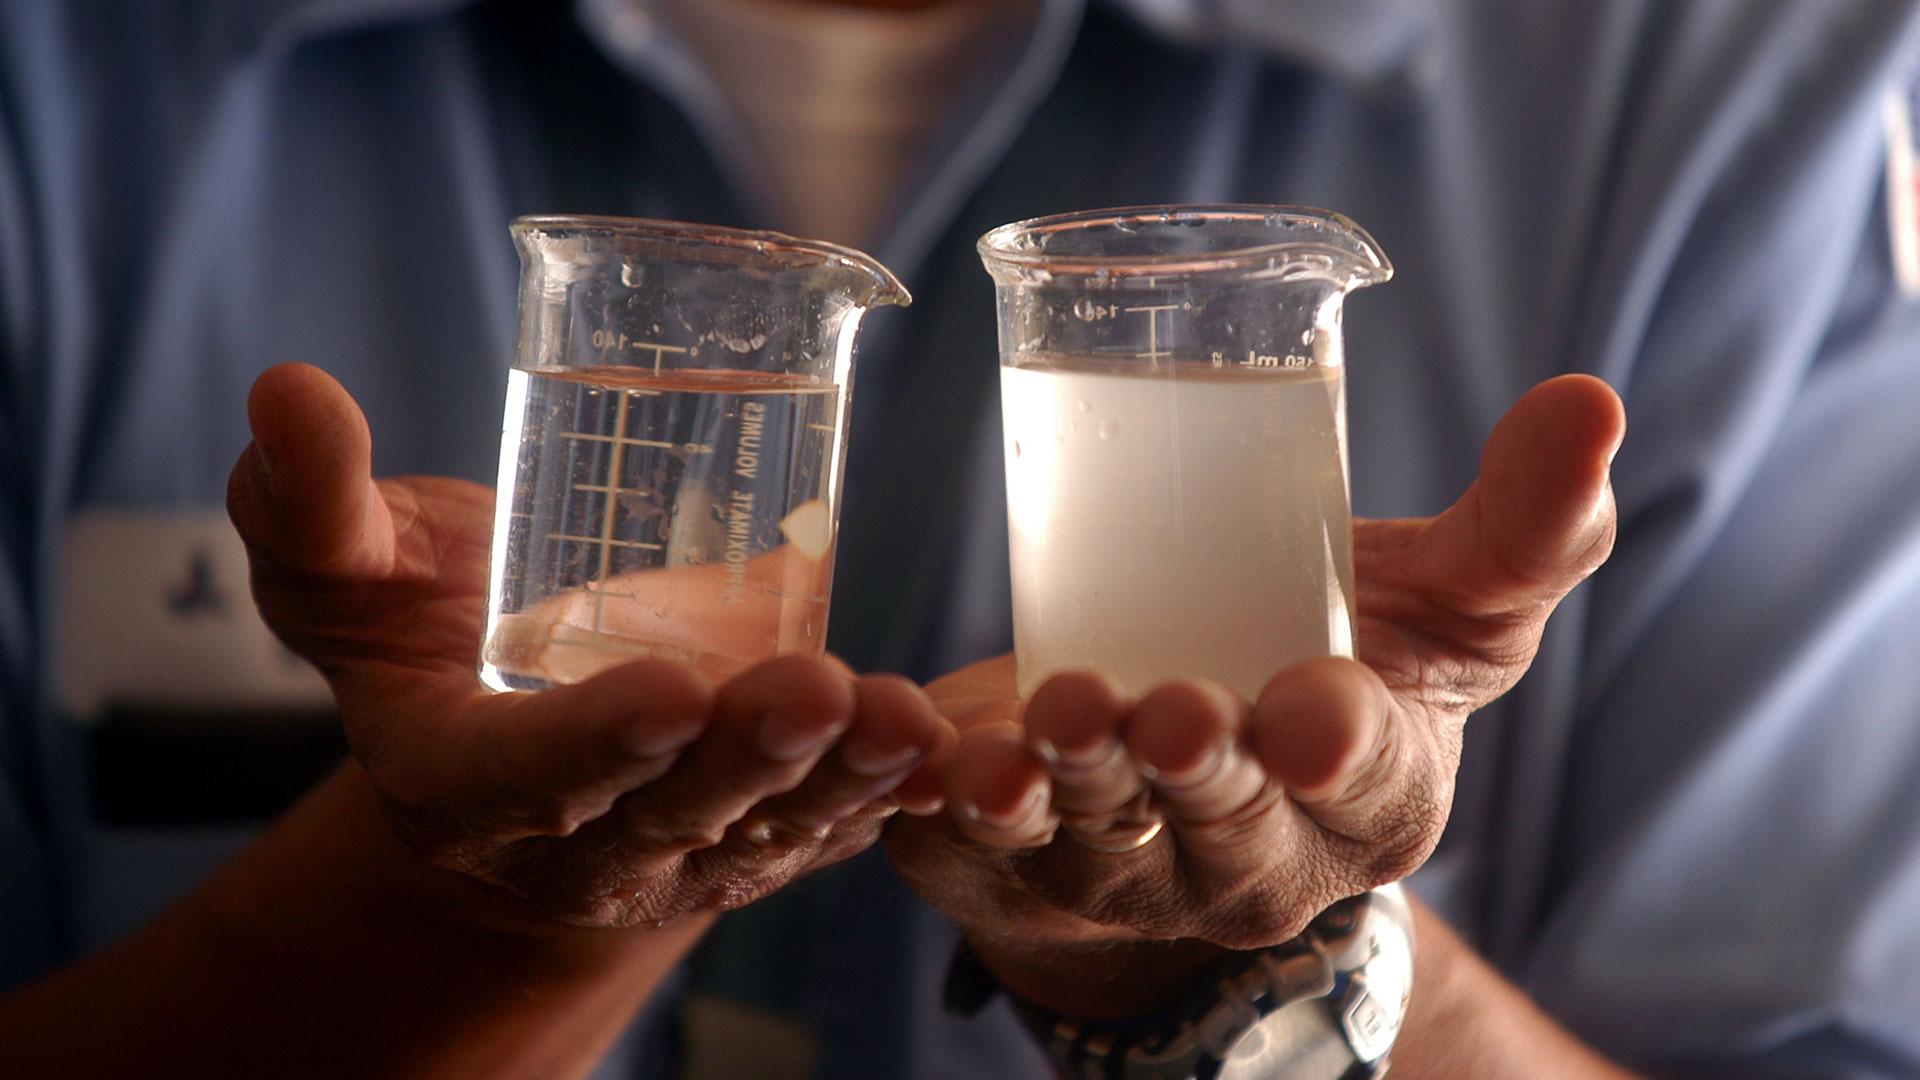 Как сделать серебряную воду в домашних условиях - HowToGetRid